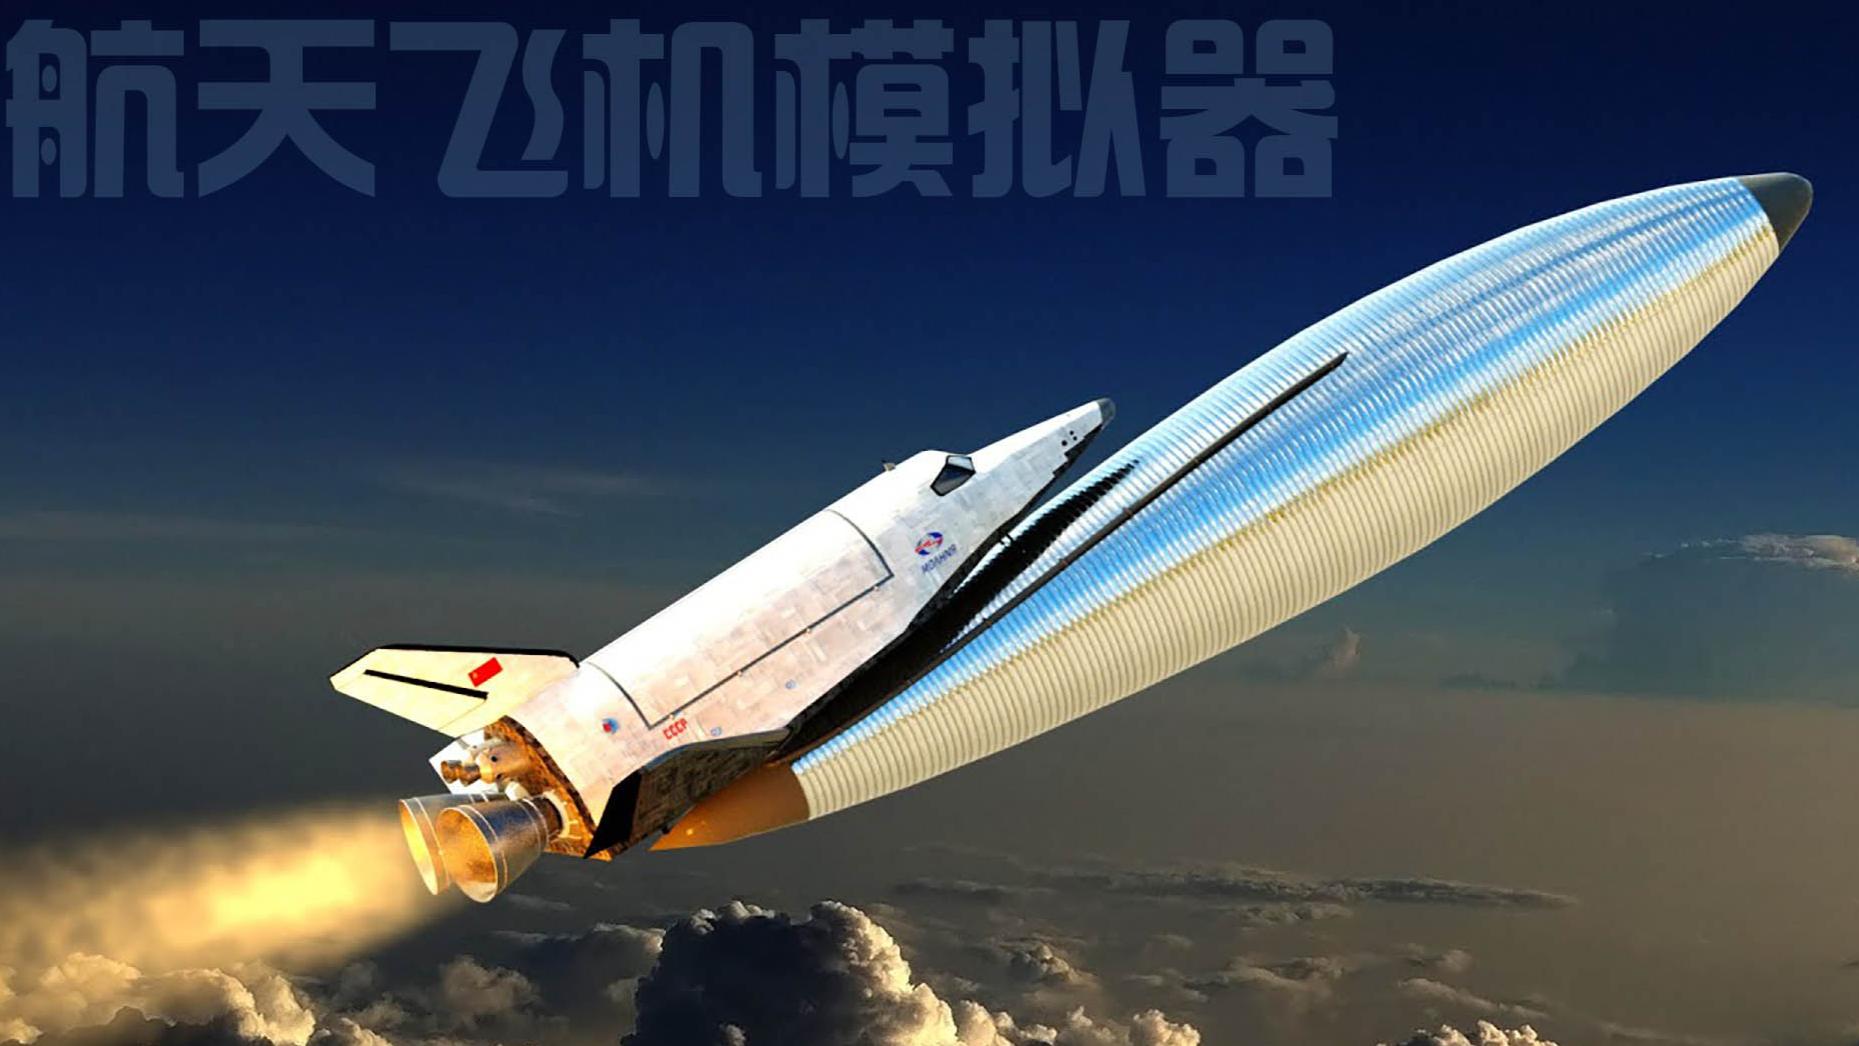 航天飞机模拟器:航天飞机从起飞到飞行的全过程!